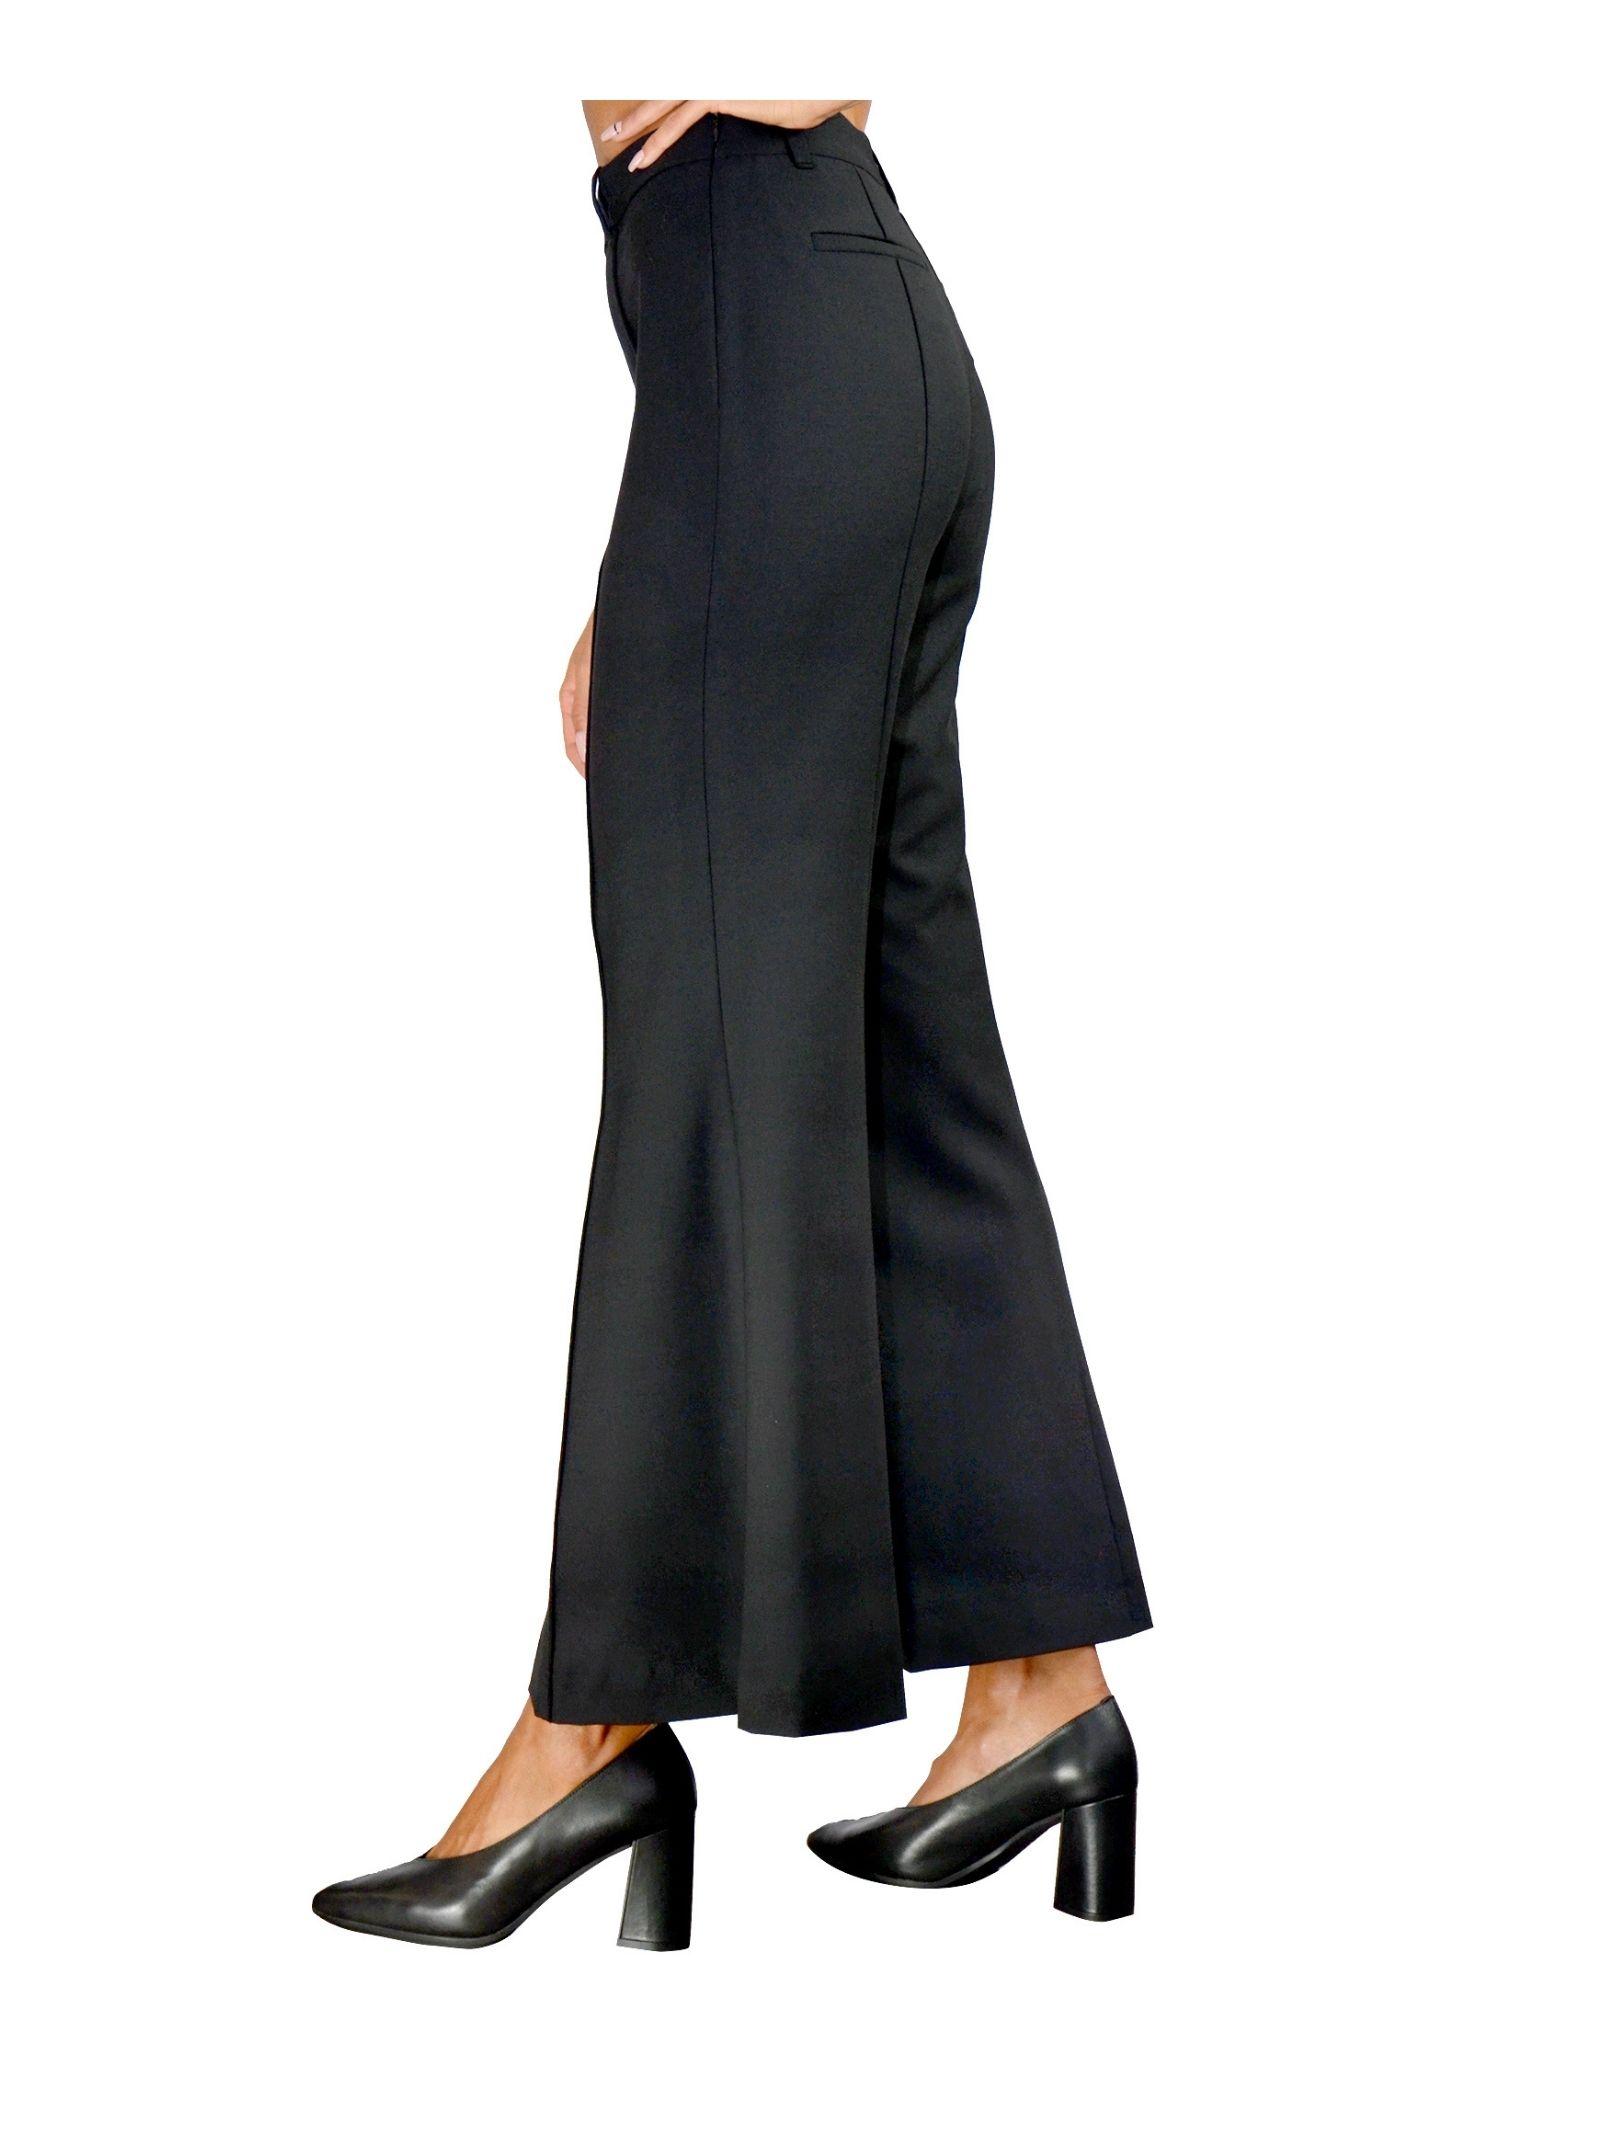 Black Woman Trousers Maliparmi   Skirts and Pants   JH74452018820000